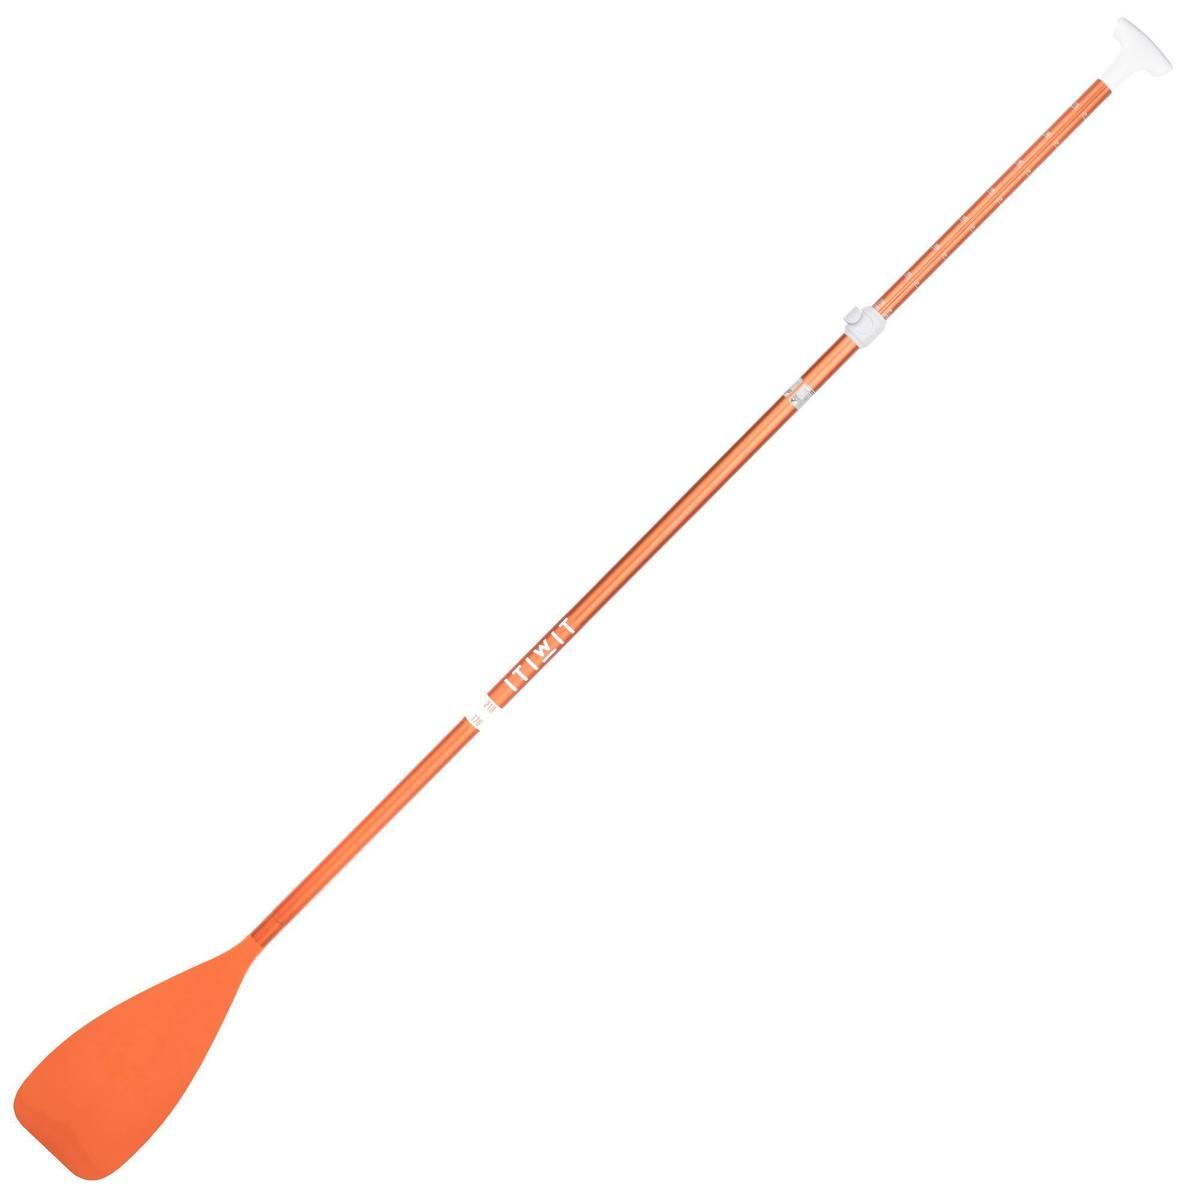 Bild 3 von SUP-Paddel 100 verstellbar 170-210cm orange